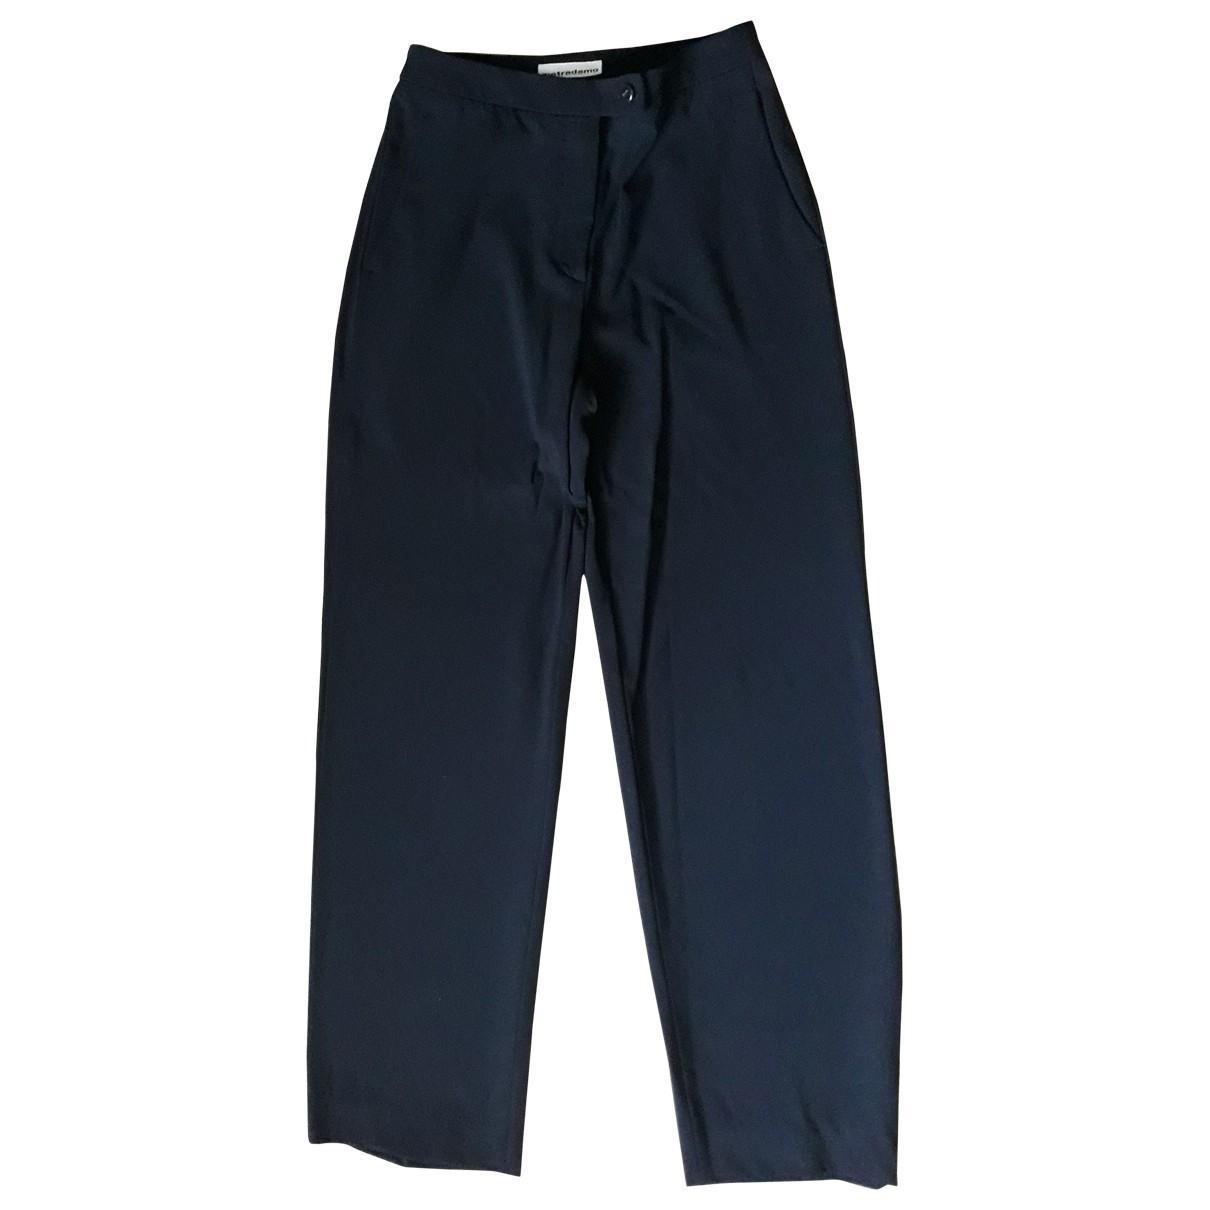 Pantalon de traje de Lana Non Signe / Unsigned